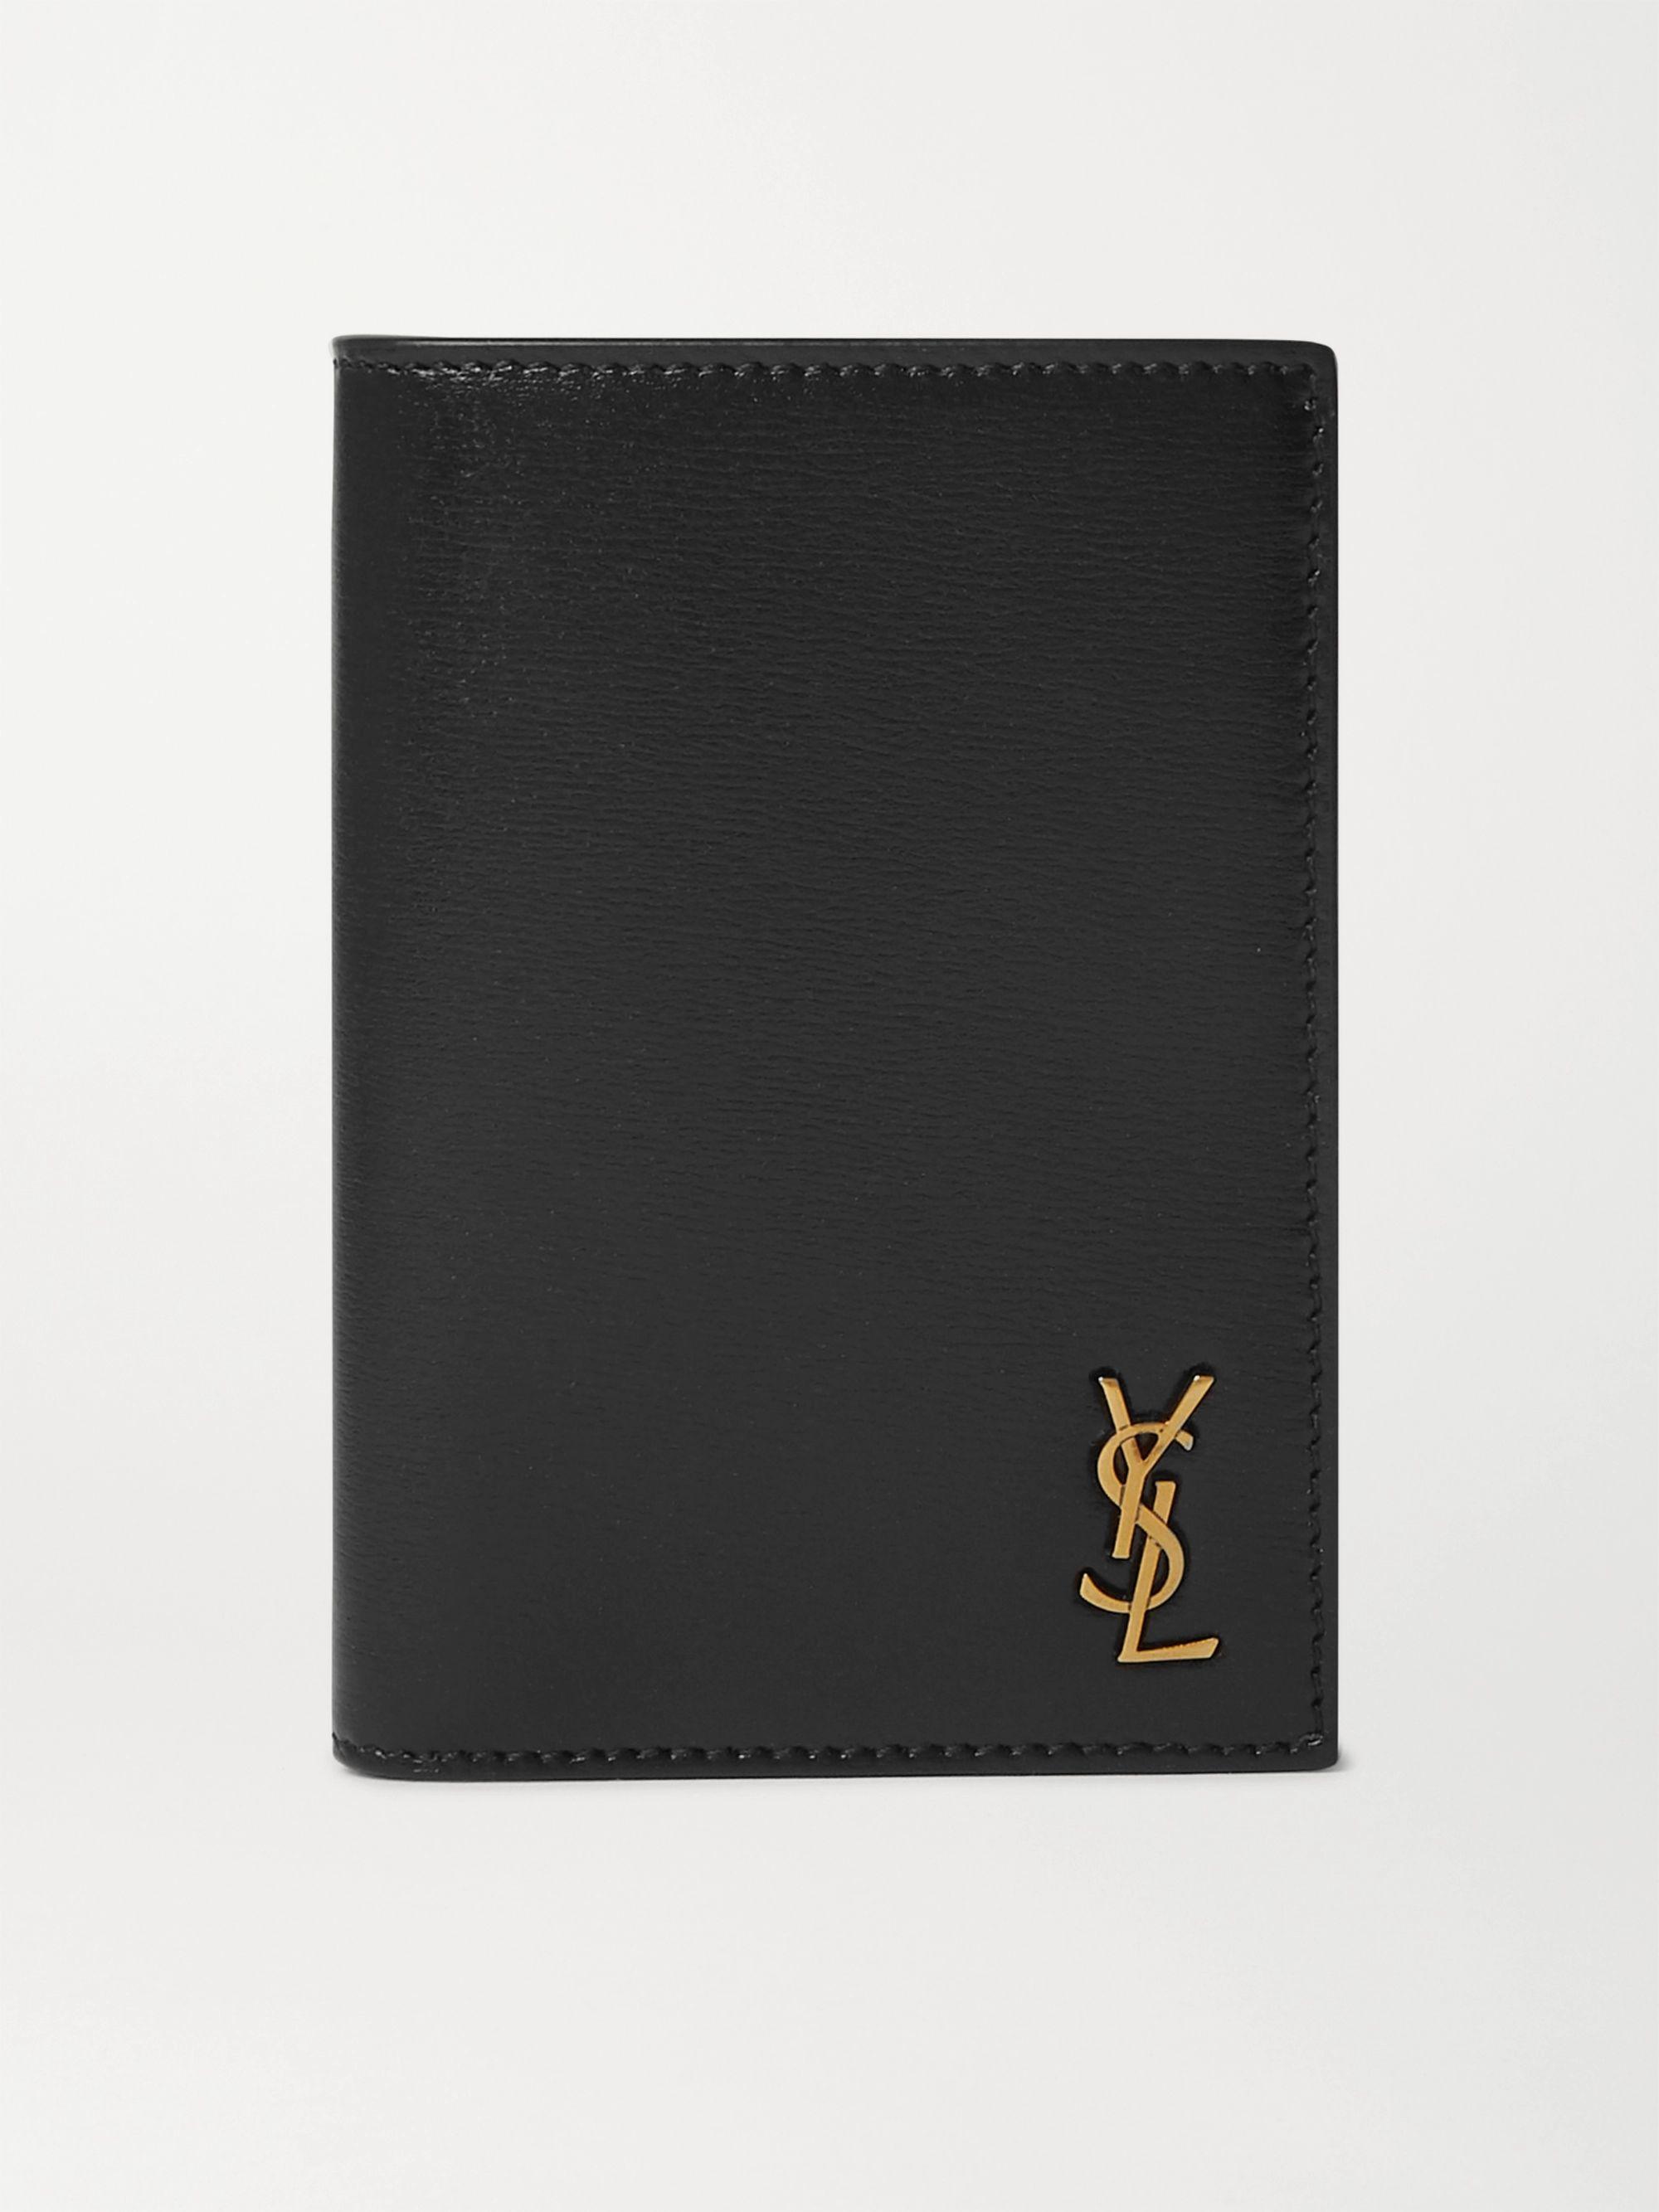 생 로랑 타이니 모노그램 반지갑 - 샤이니 레더 블랙 Saint Laurent Logo-Appliqued Leather Billfold Wallet,Black